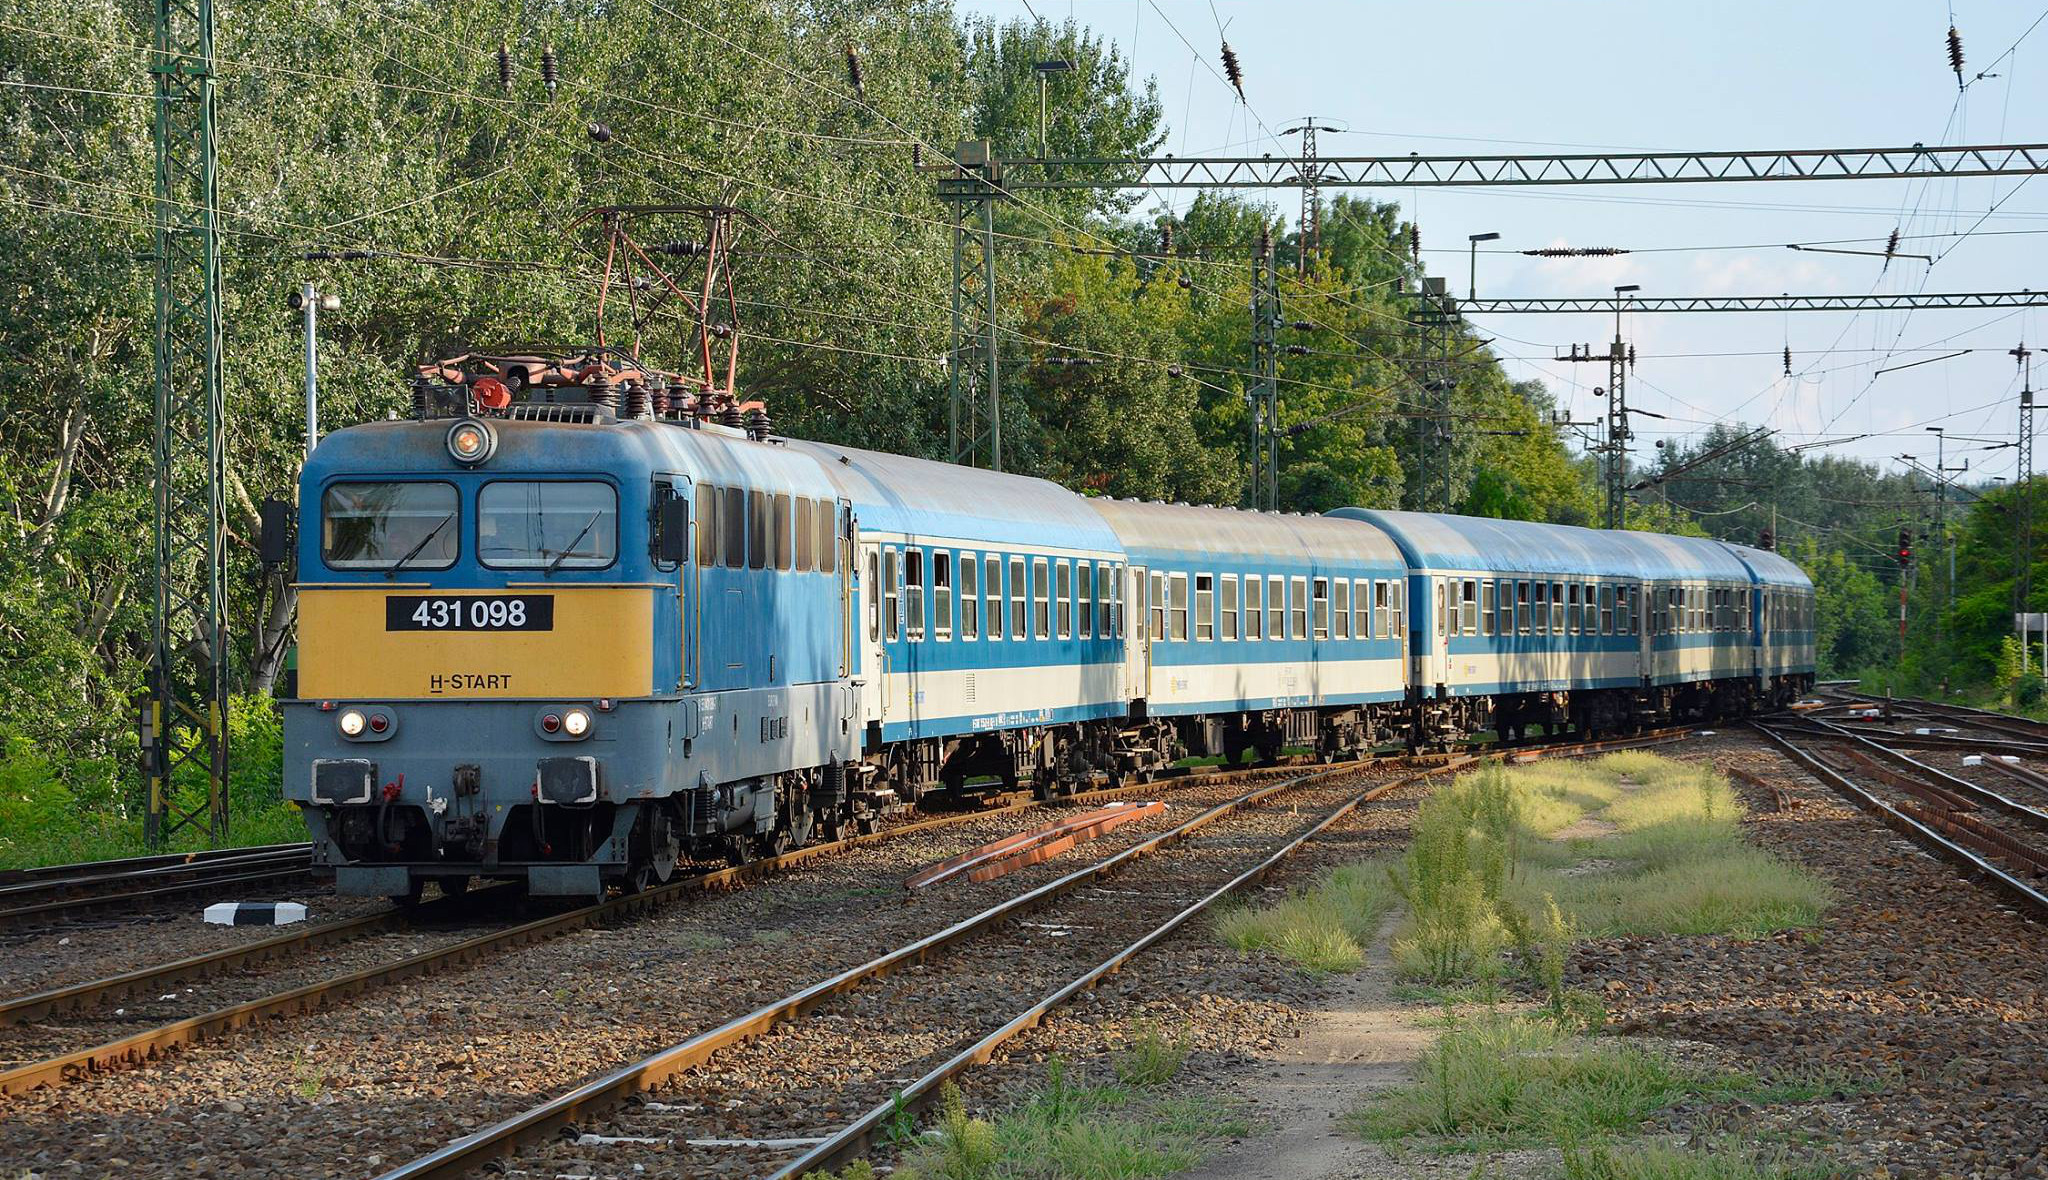 máv vasút vonat szeged állomás 2018 júl 28 f tiszai szabolcs